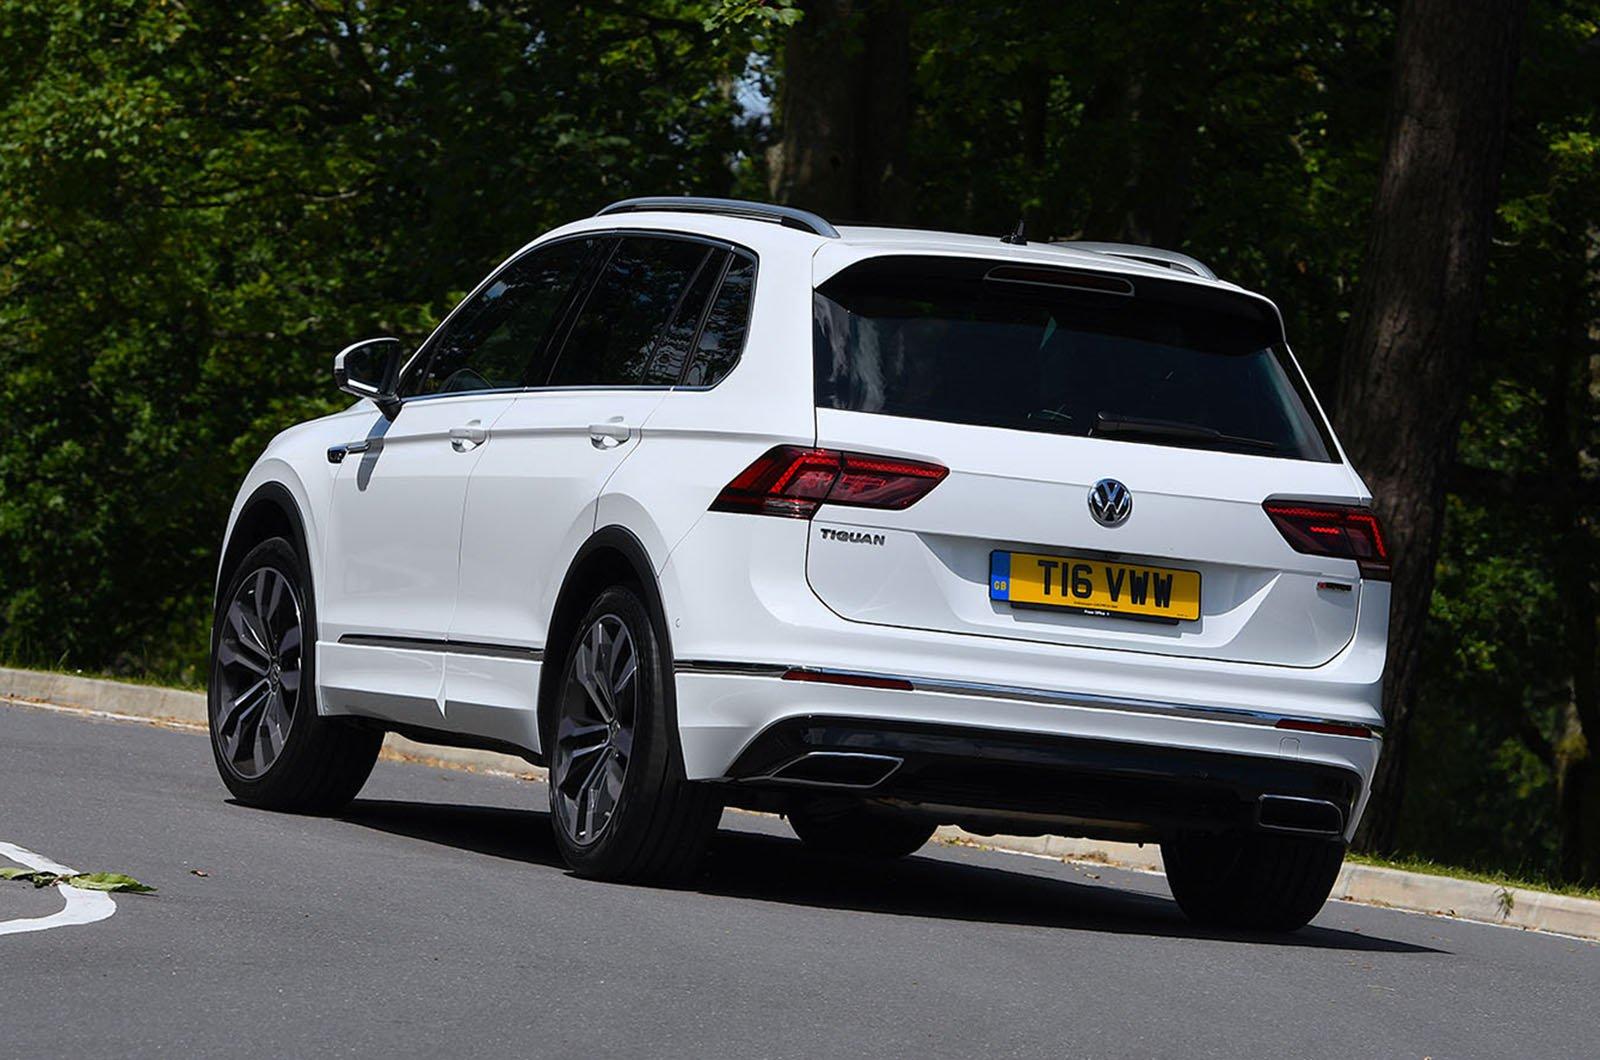 2019 Volkswagen Tiguan 2.0 TSI 230 rear